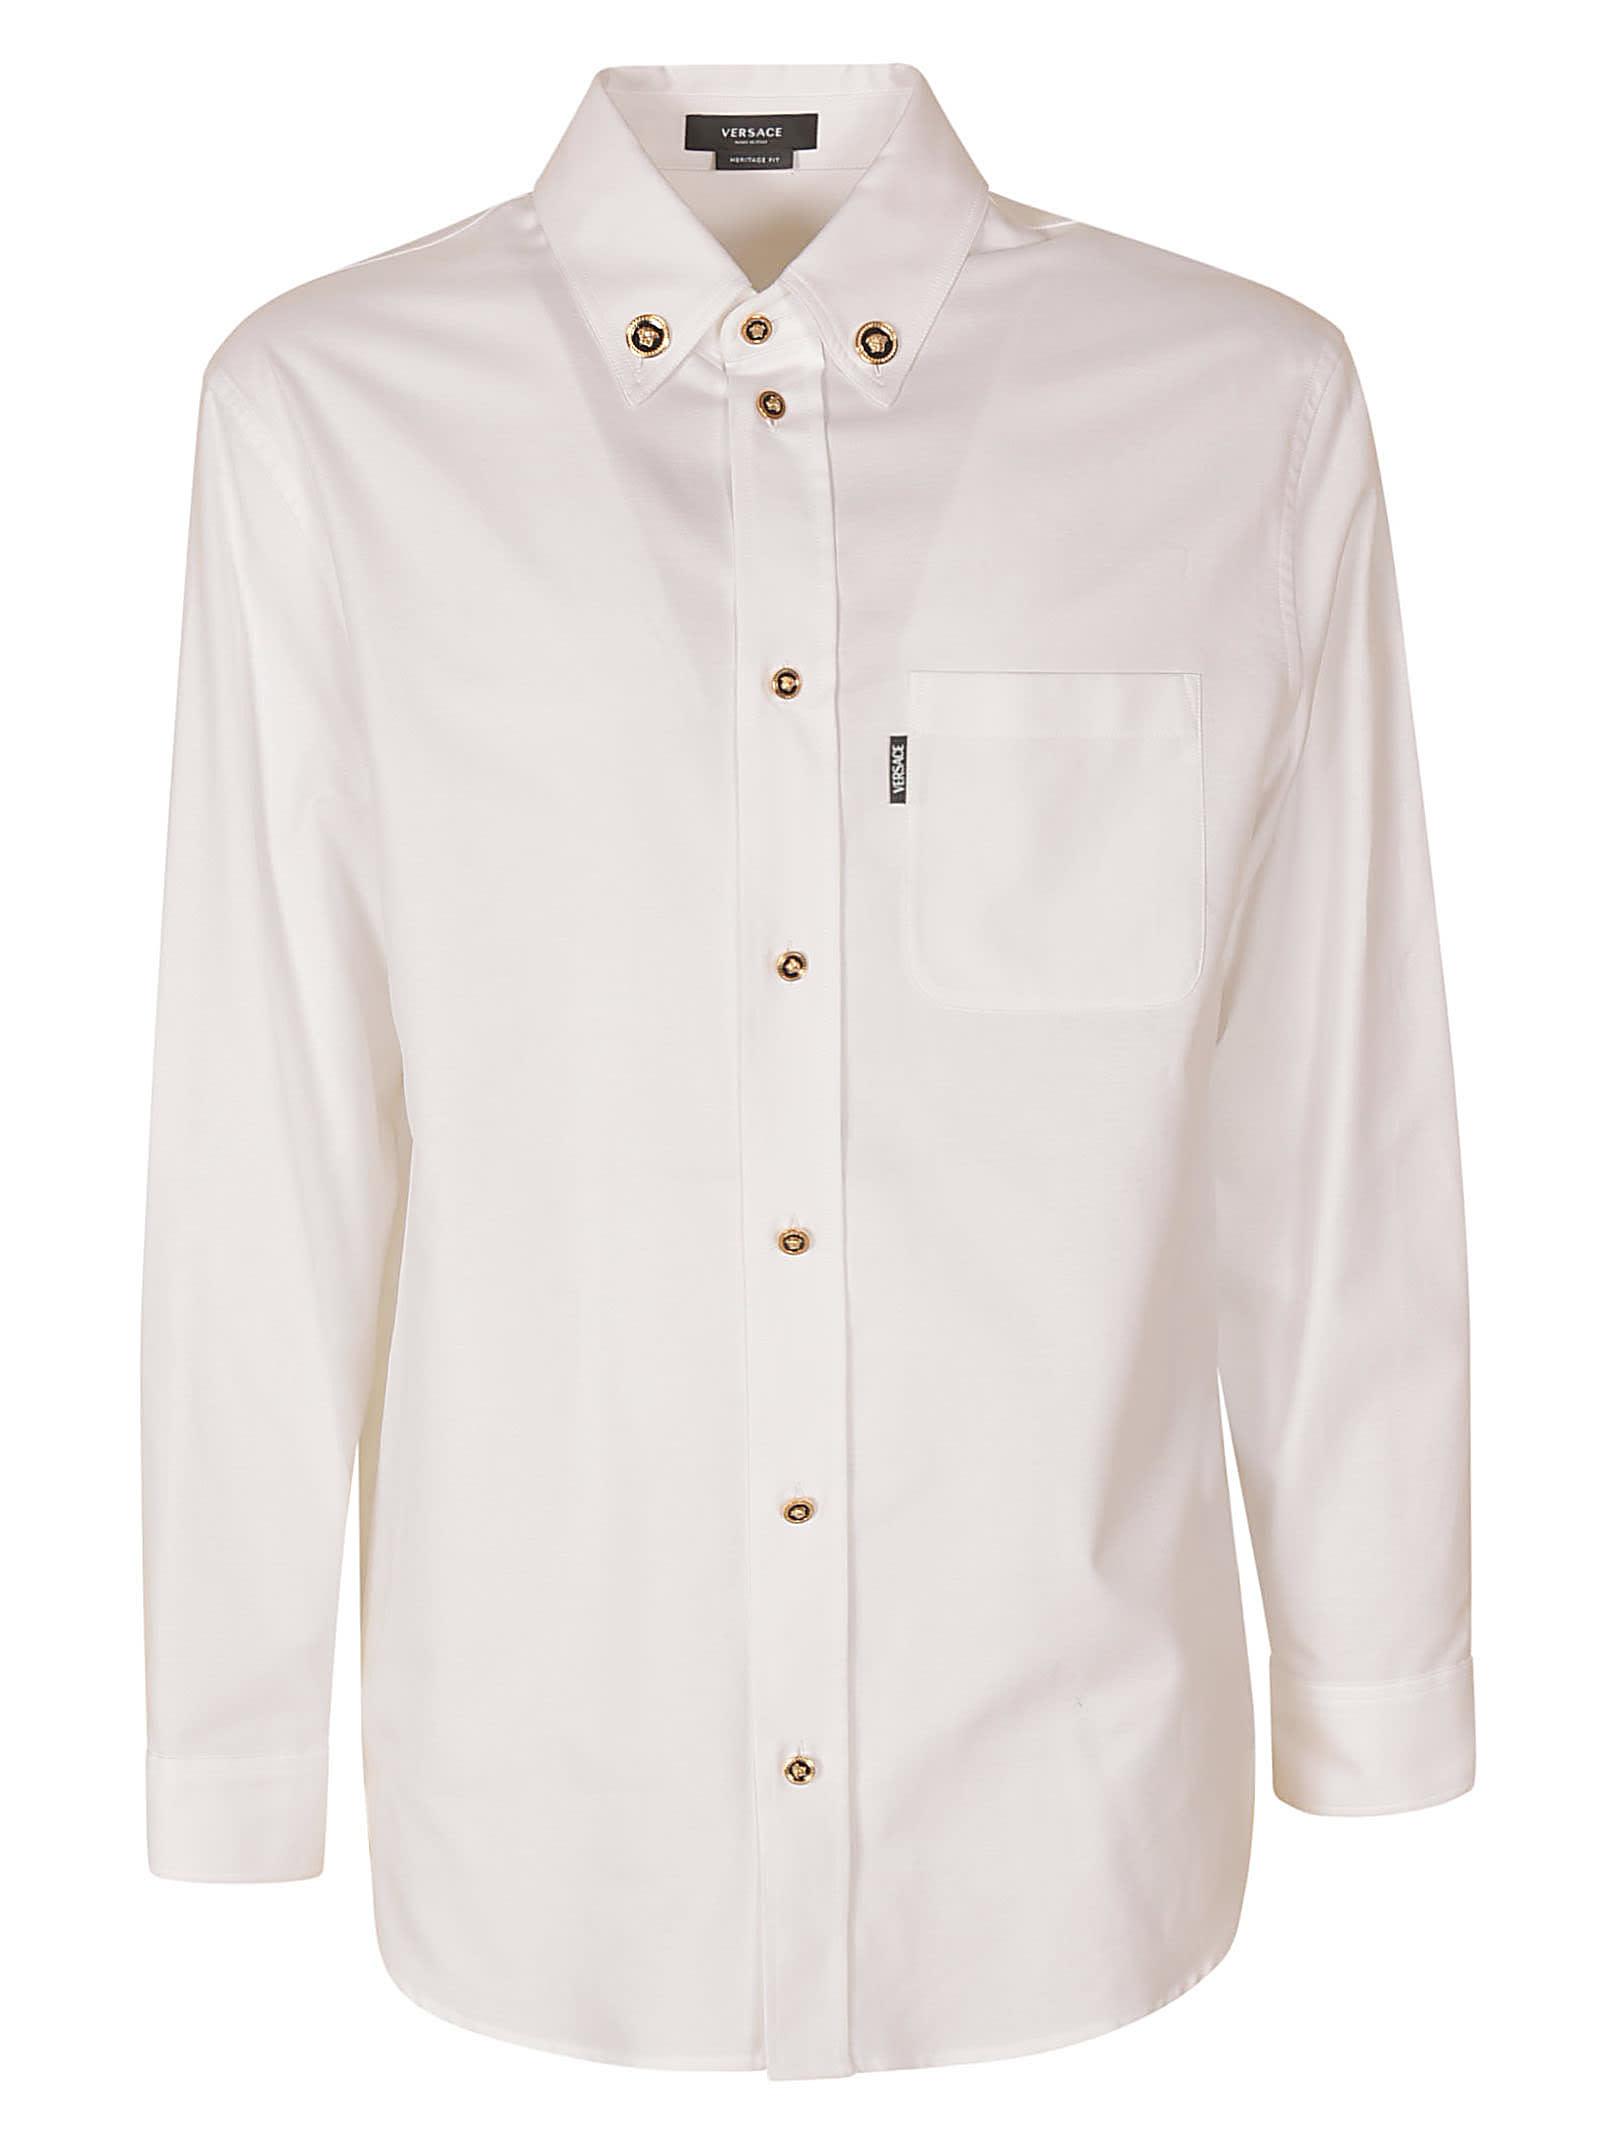 Versace Informal Shirt